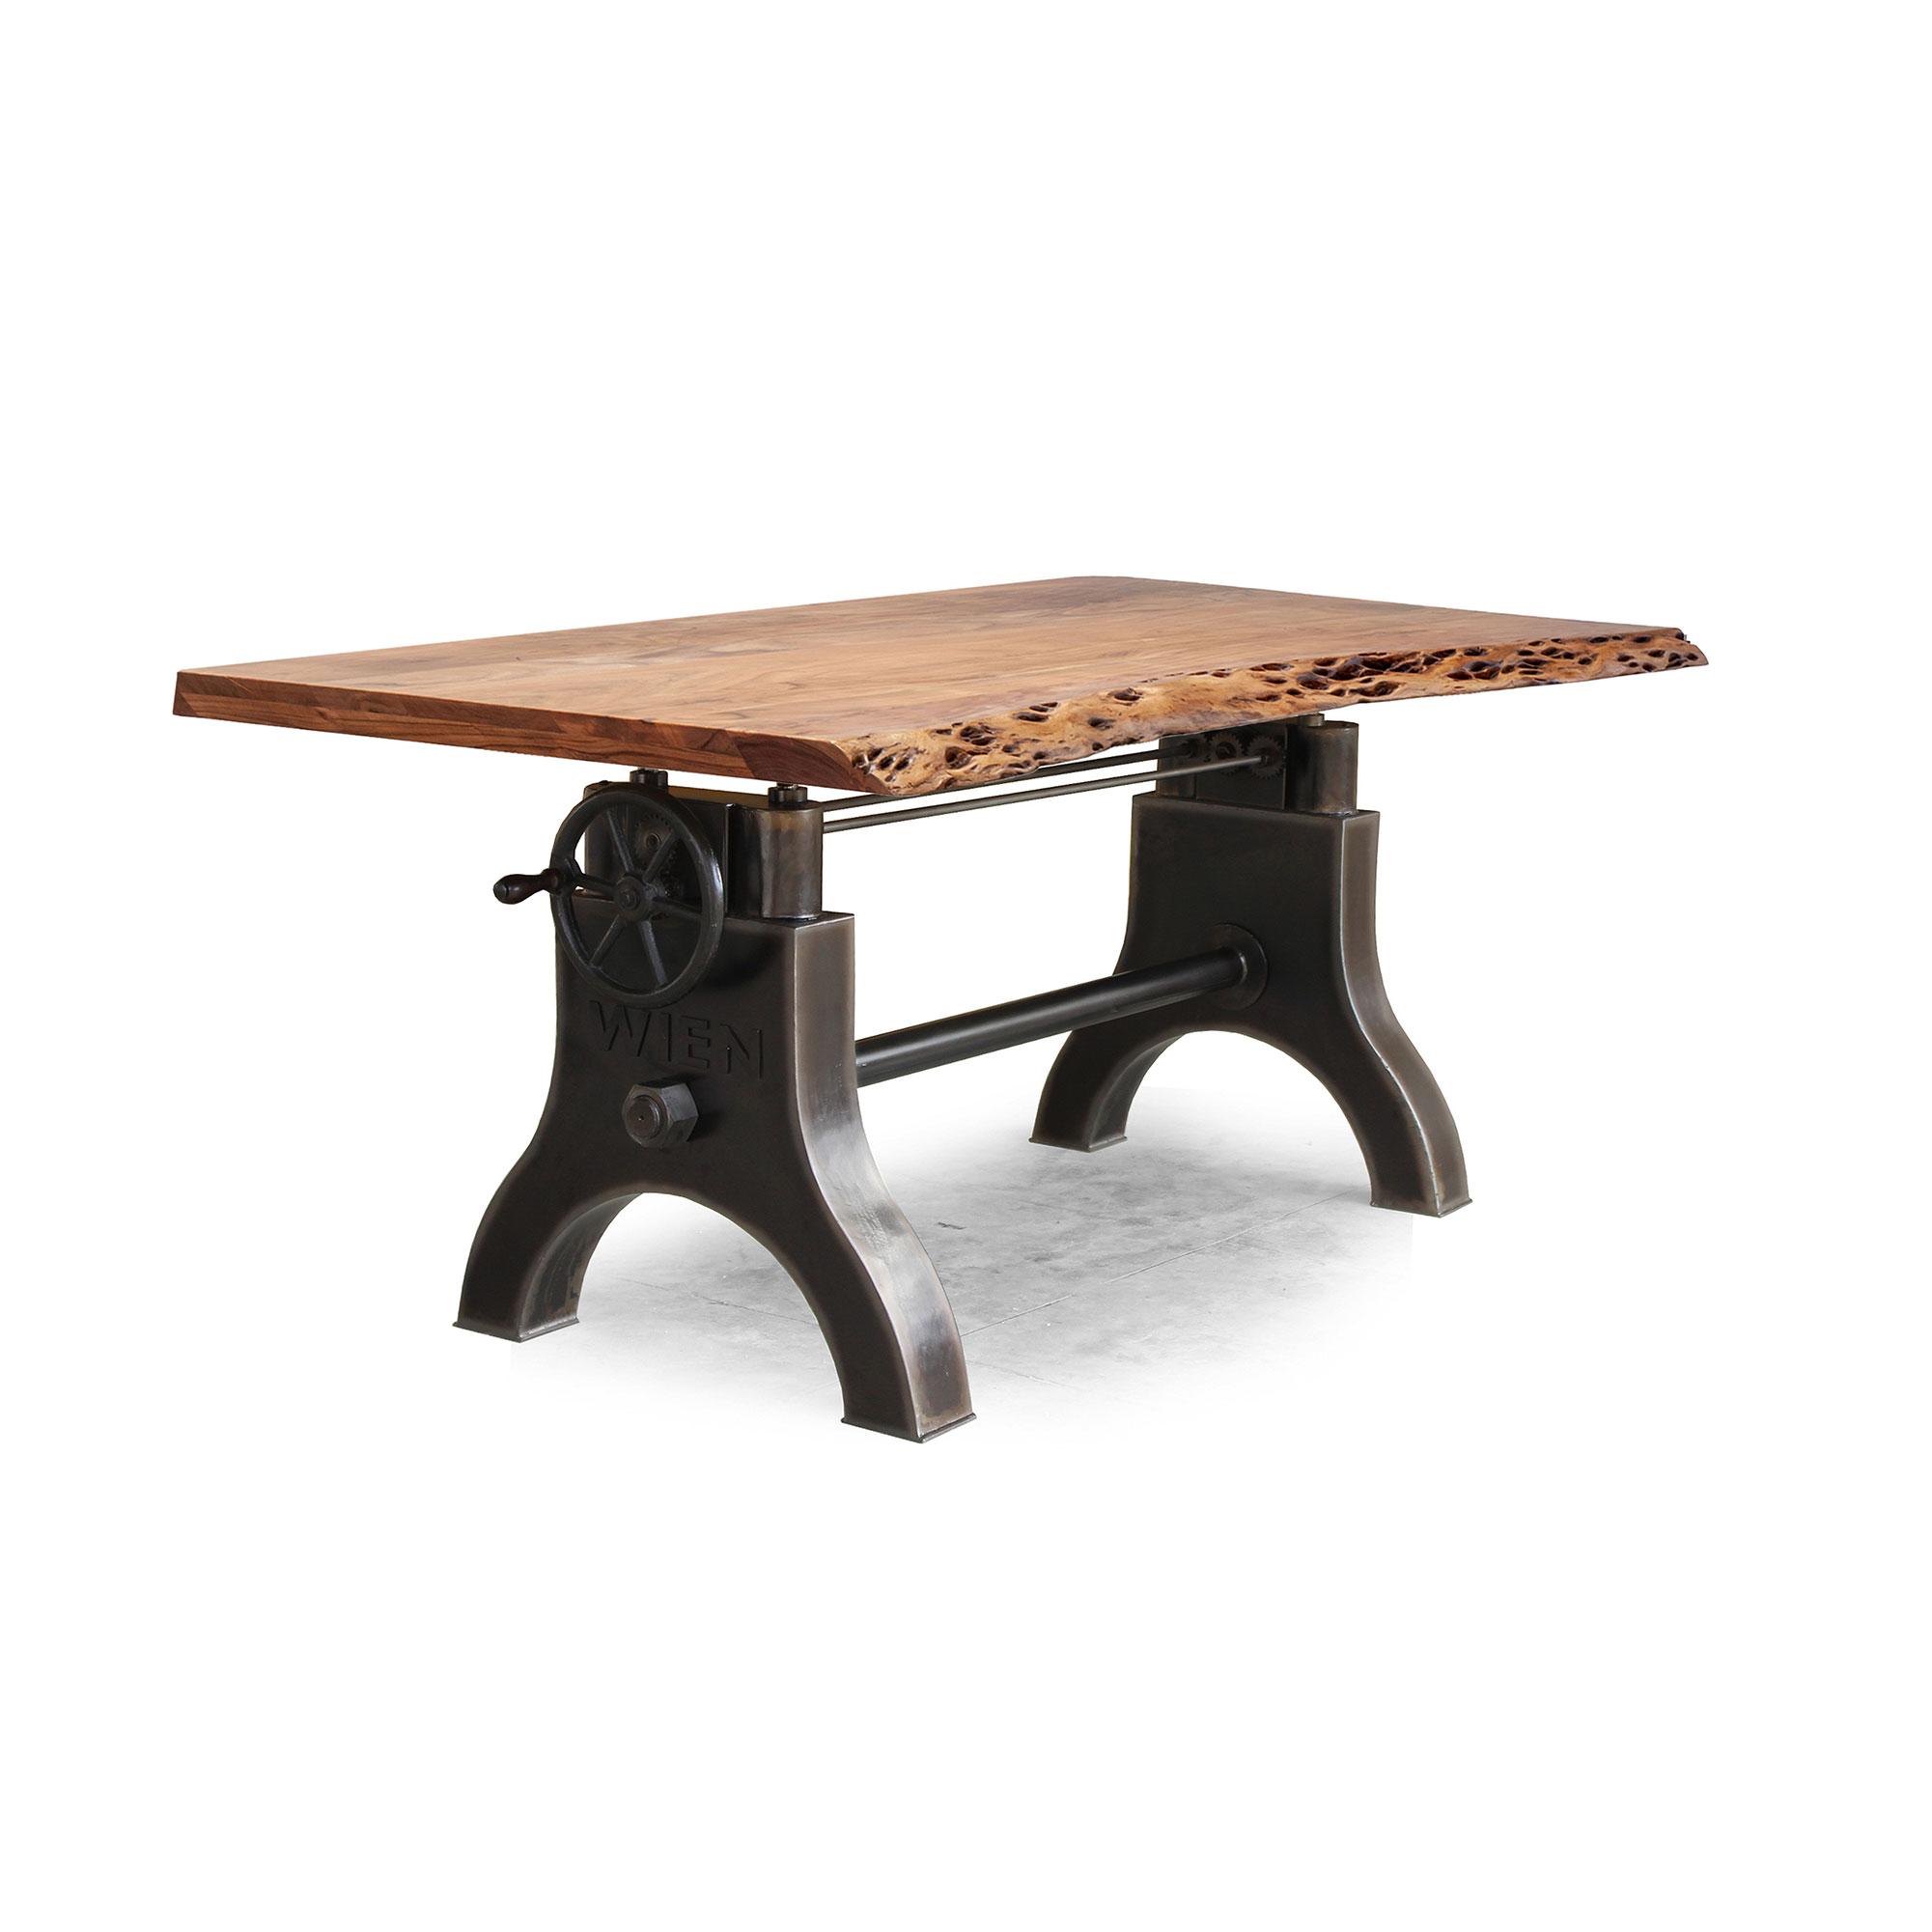 WIEN Tisch